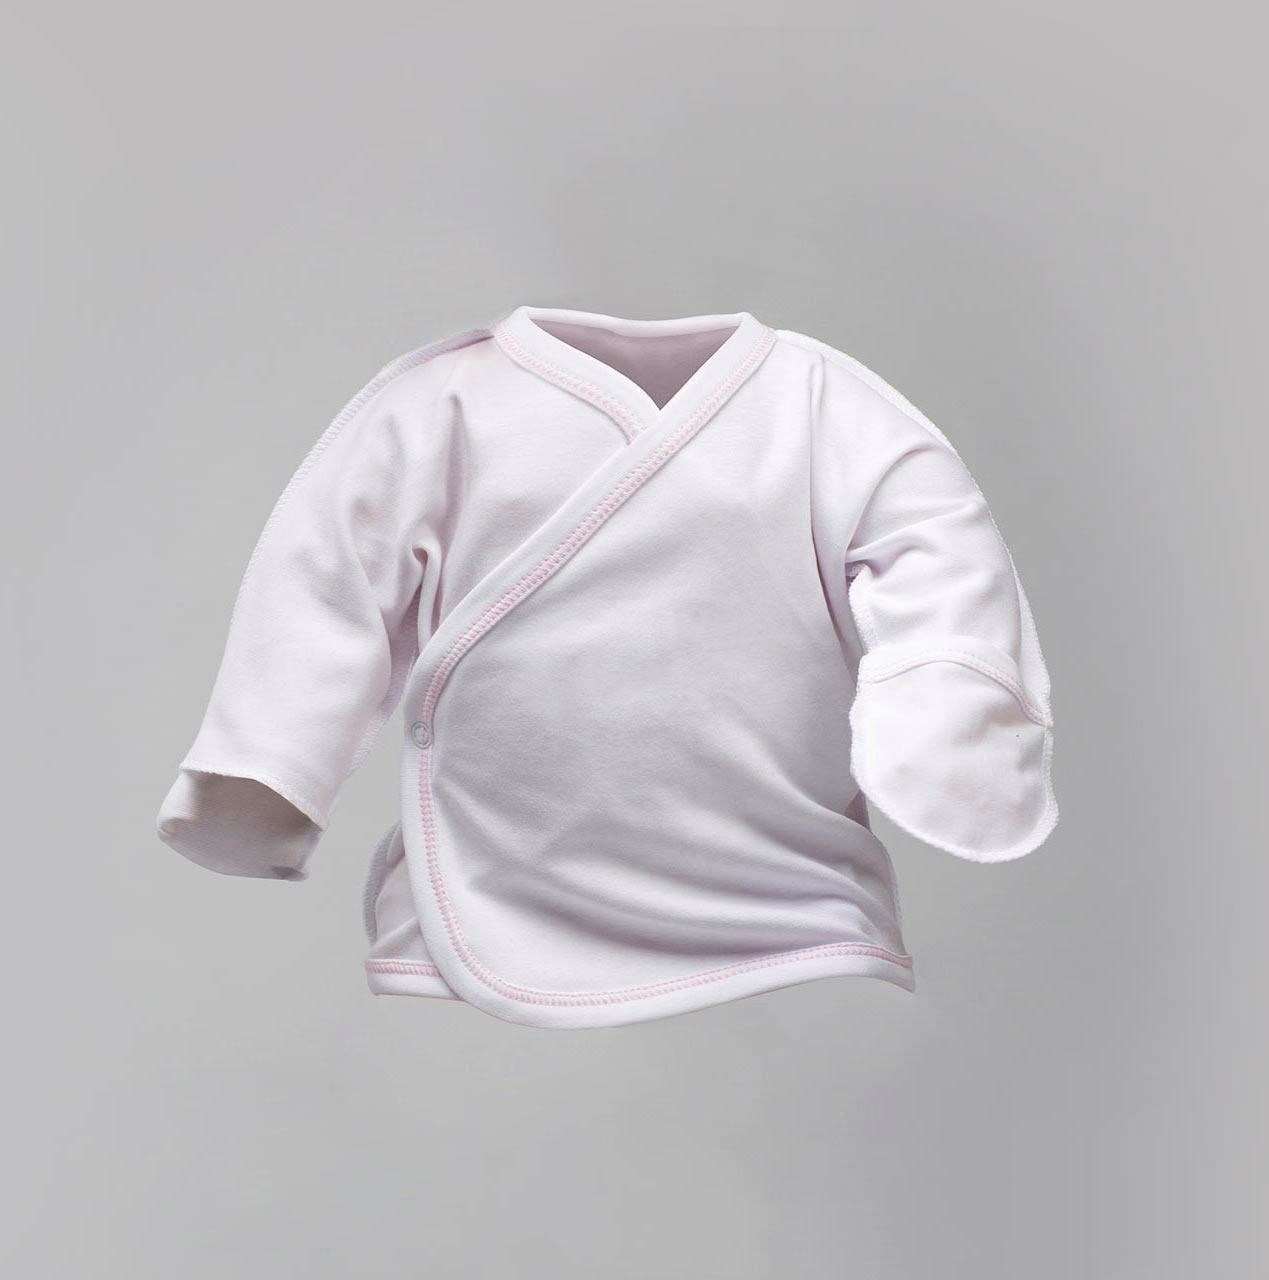 Распашонка для новорожденных под розовую нитку, цвет белый Интерлок   |  Льоля біла Victory з рожевою ниткою